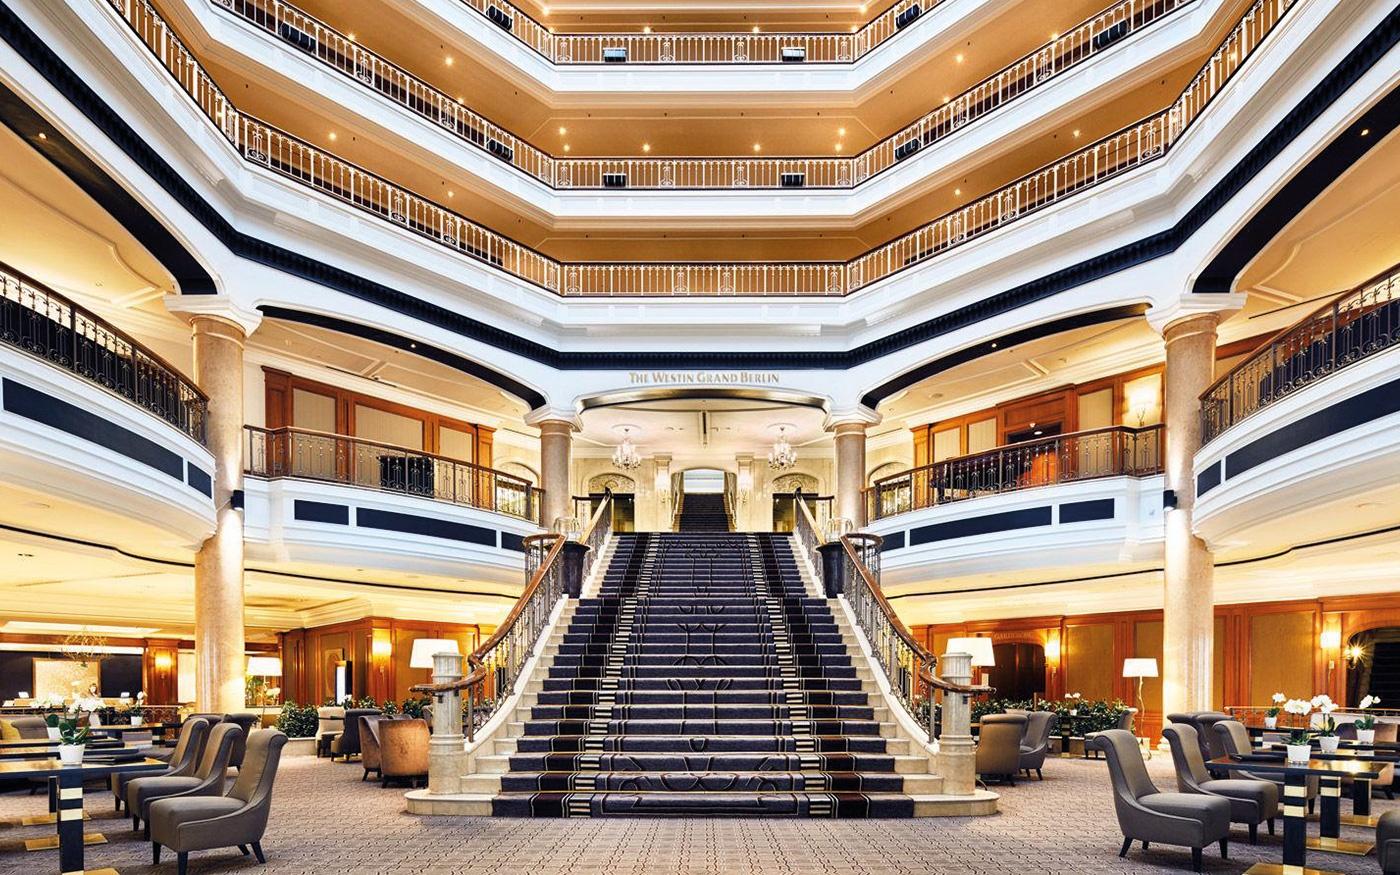 Hotellobby mit einer großen Treppe